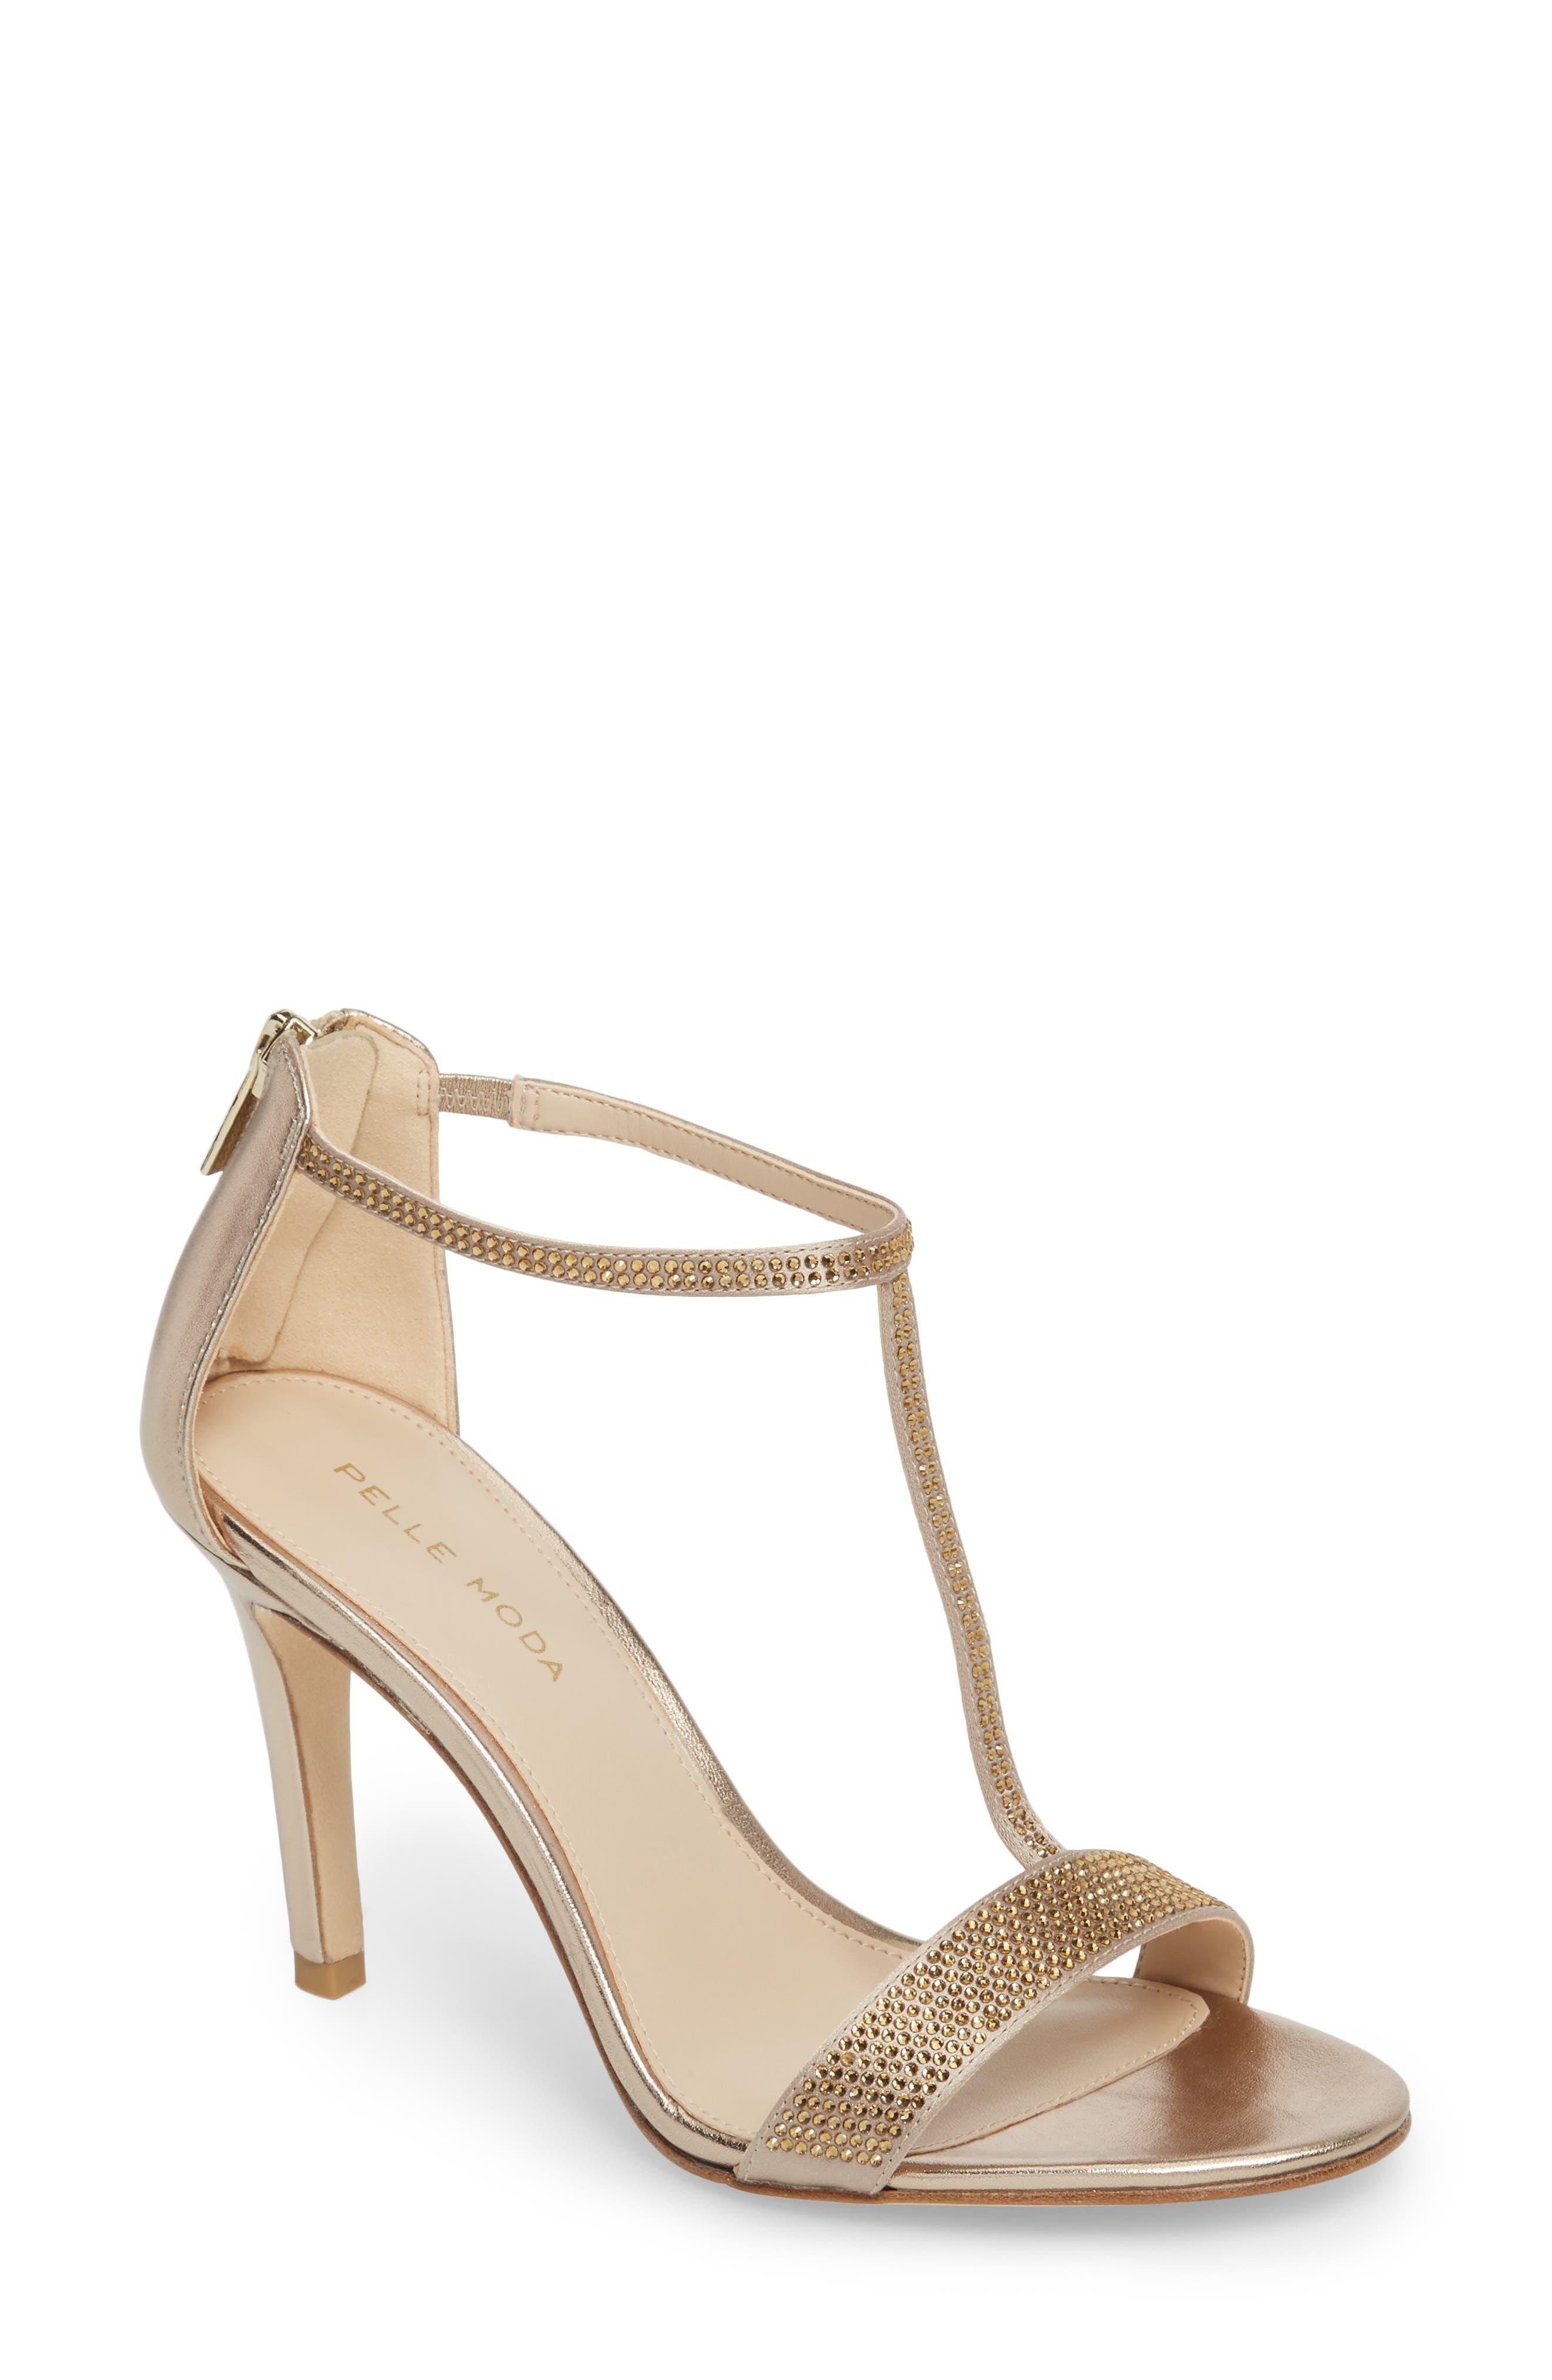 Patton2 Sandal,                         Main,                         color, PLATINUM GOLD